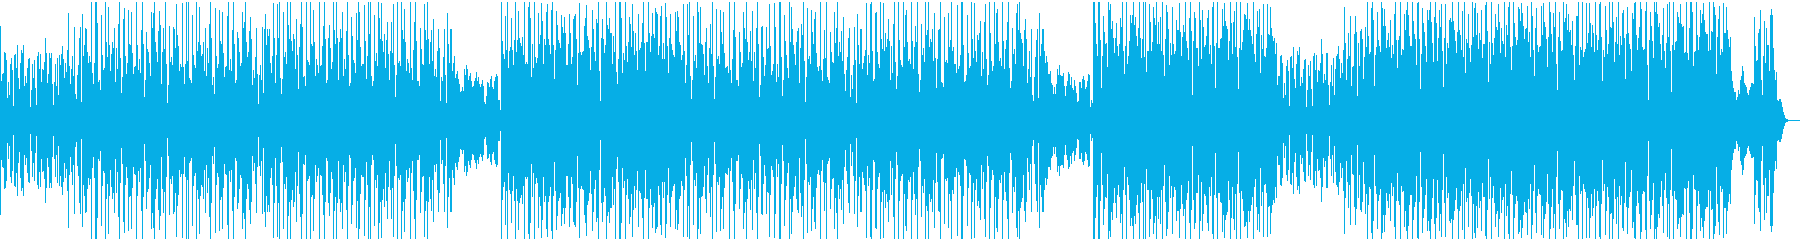 センチメンタルなヒップホップの再生済みの波形